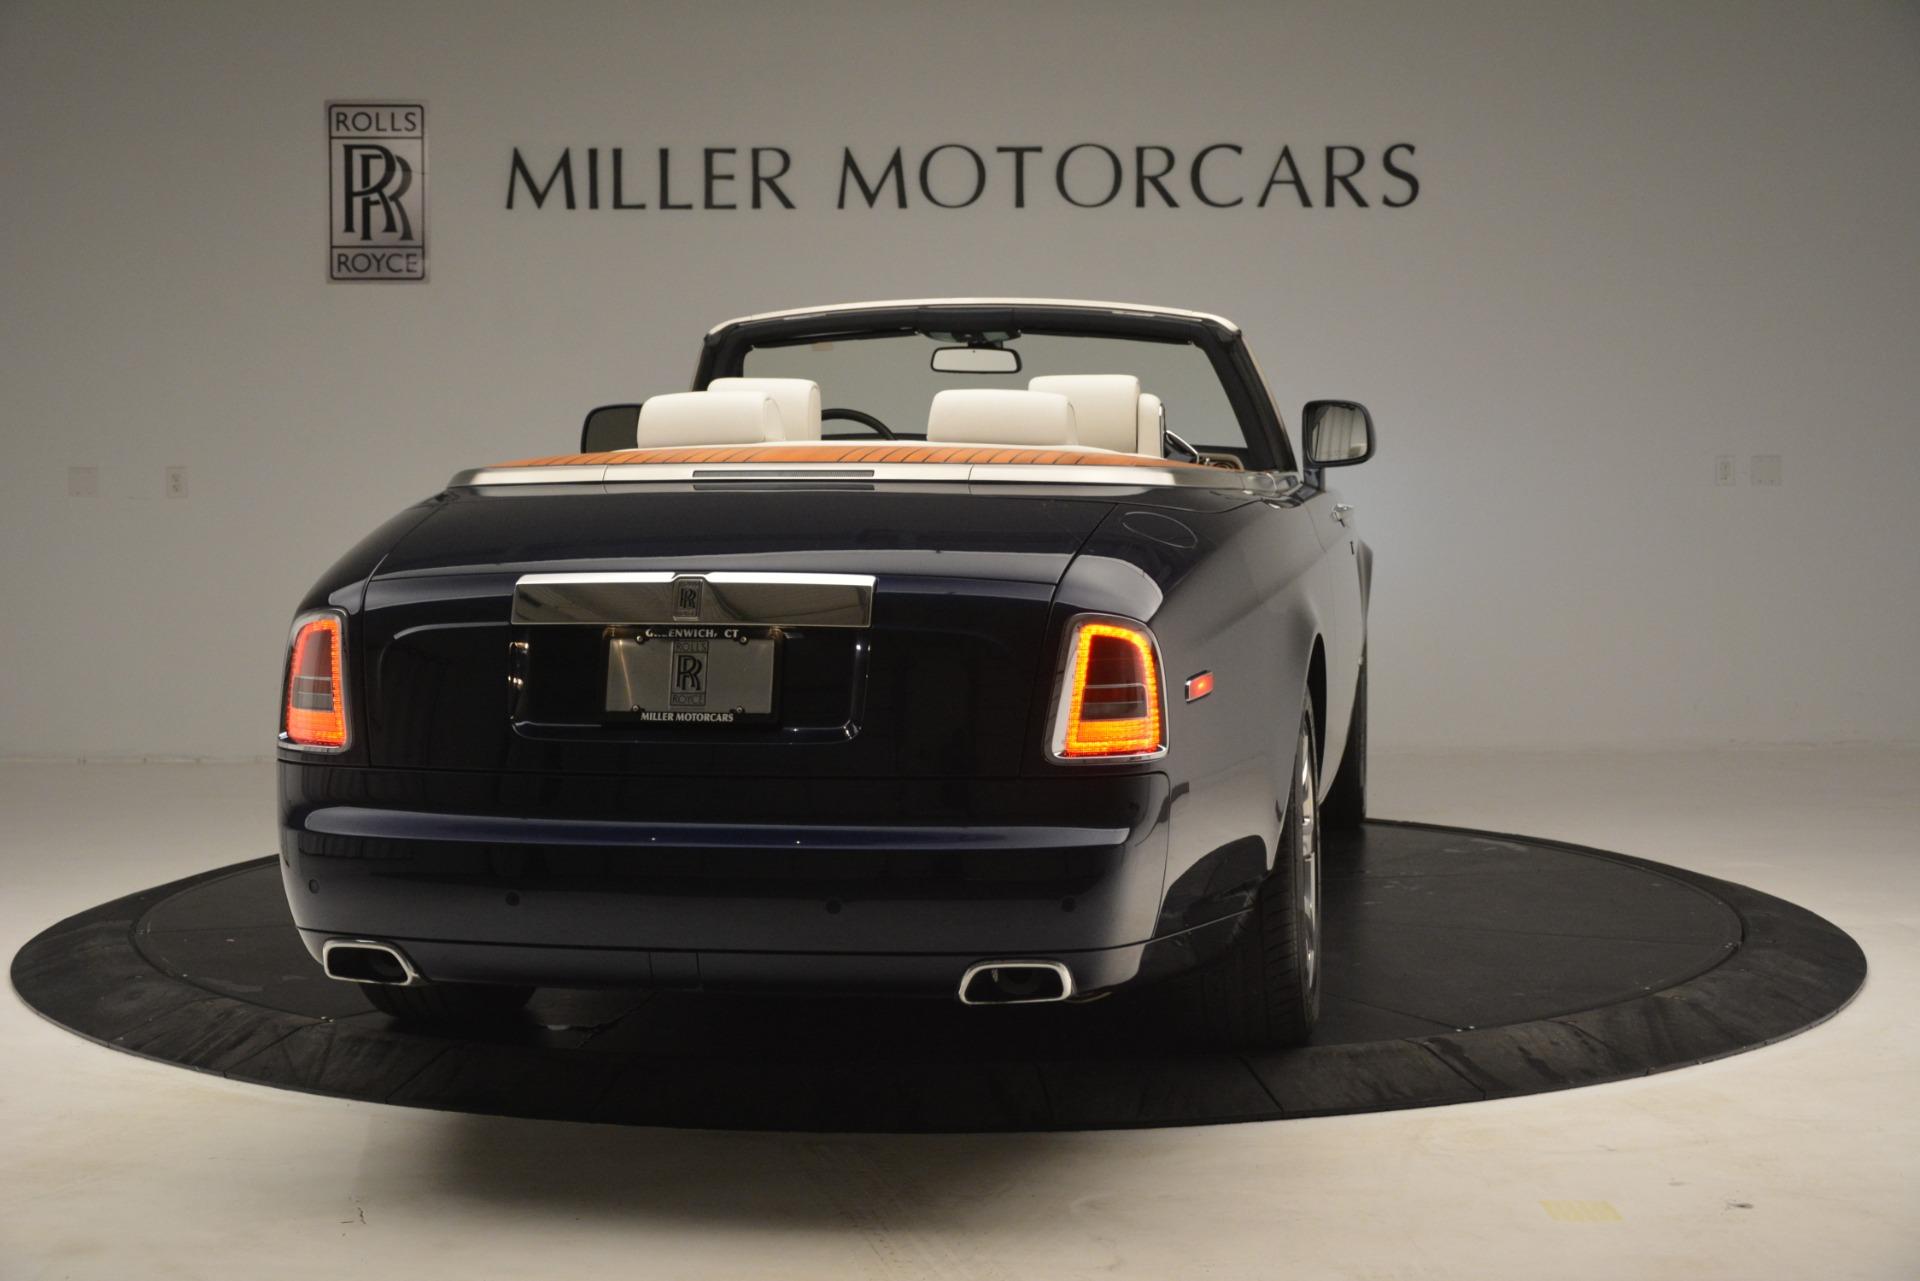 Used 2013 Rolls-Royce Phantom Drophead Coupe  For Sale In Westport, CT 2999_p10